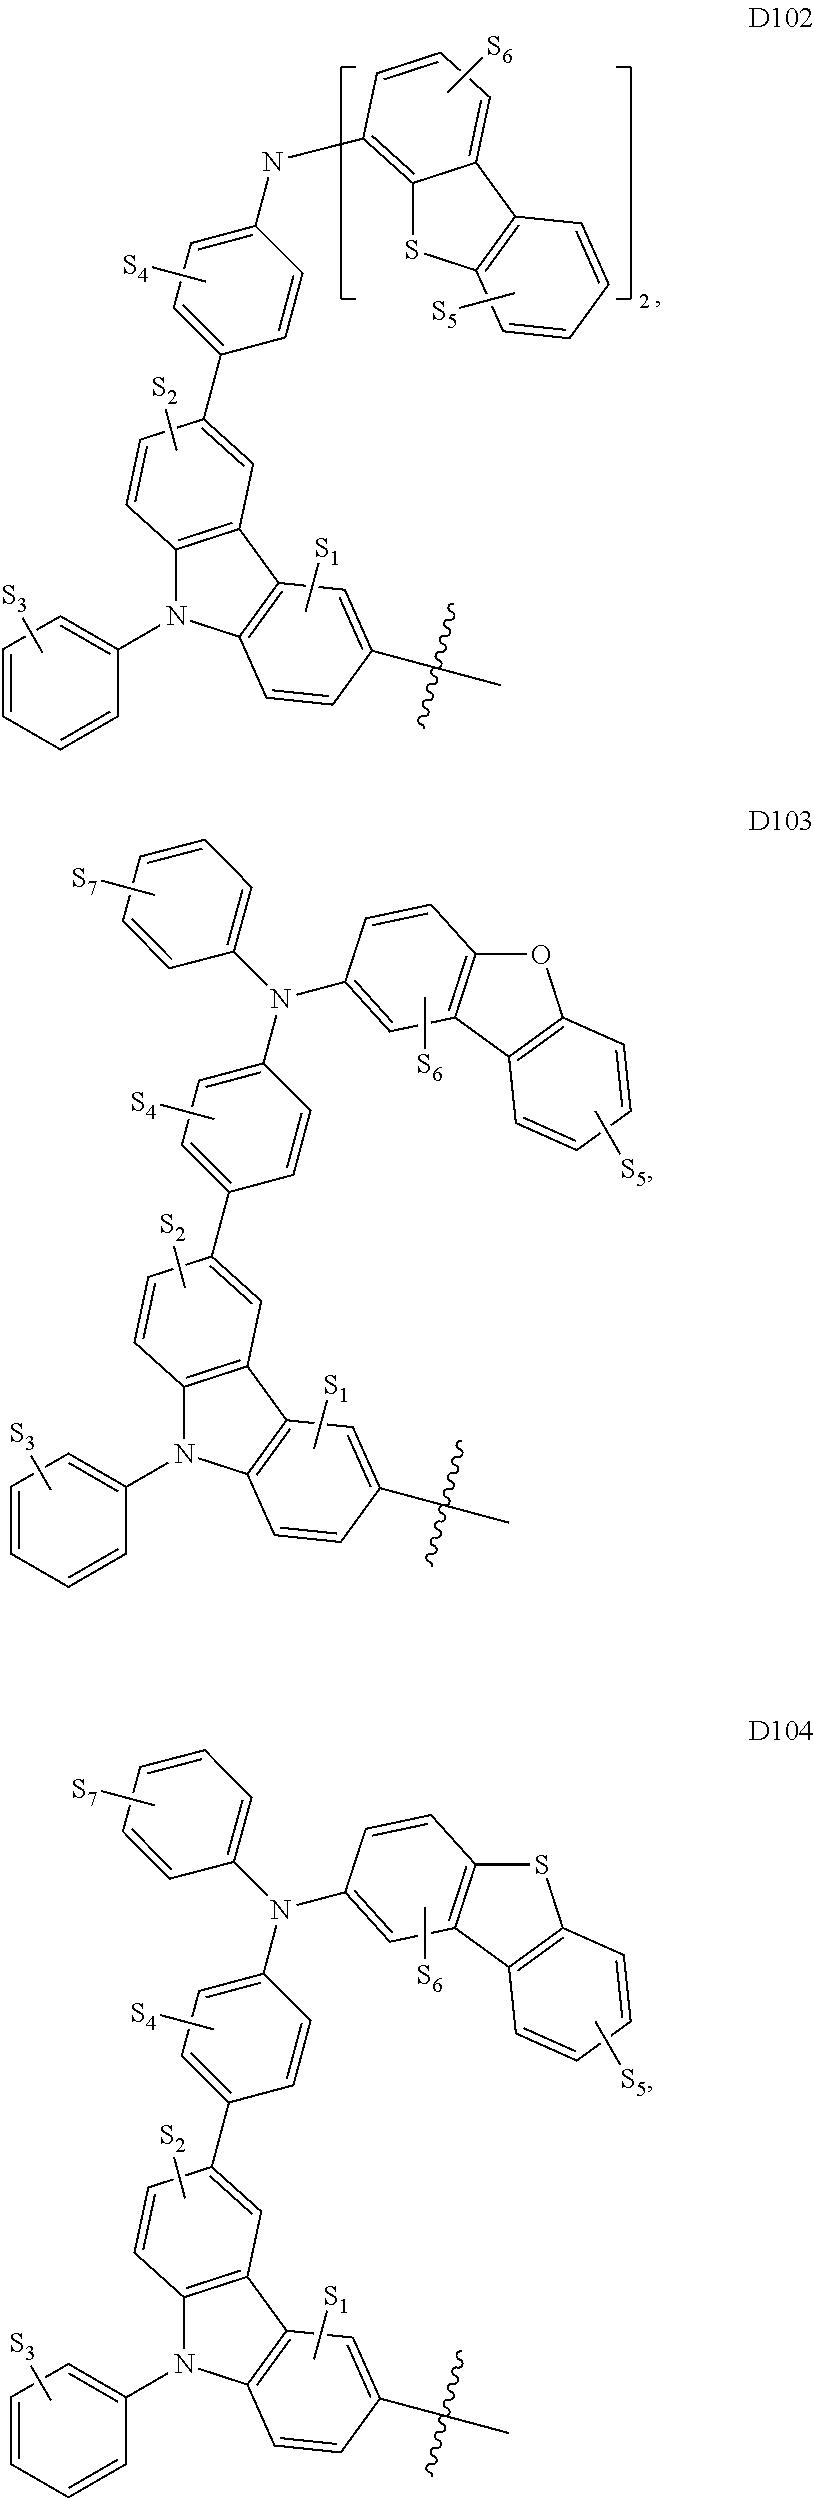 Figure US09537106-20170103-C00041